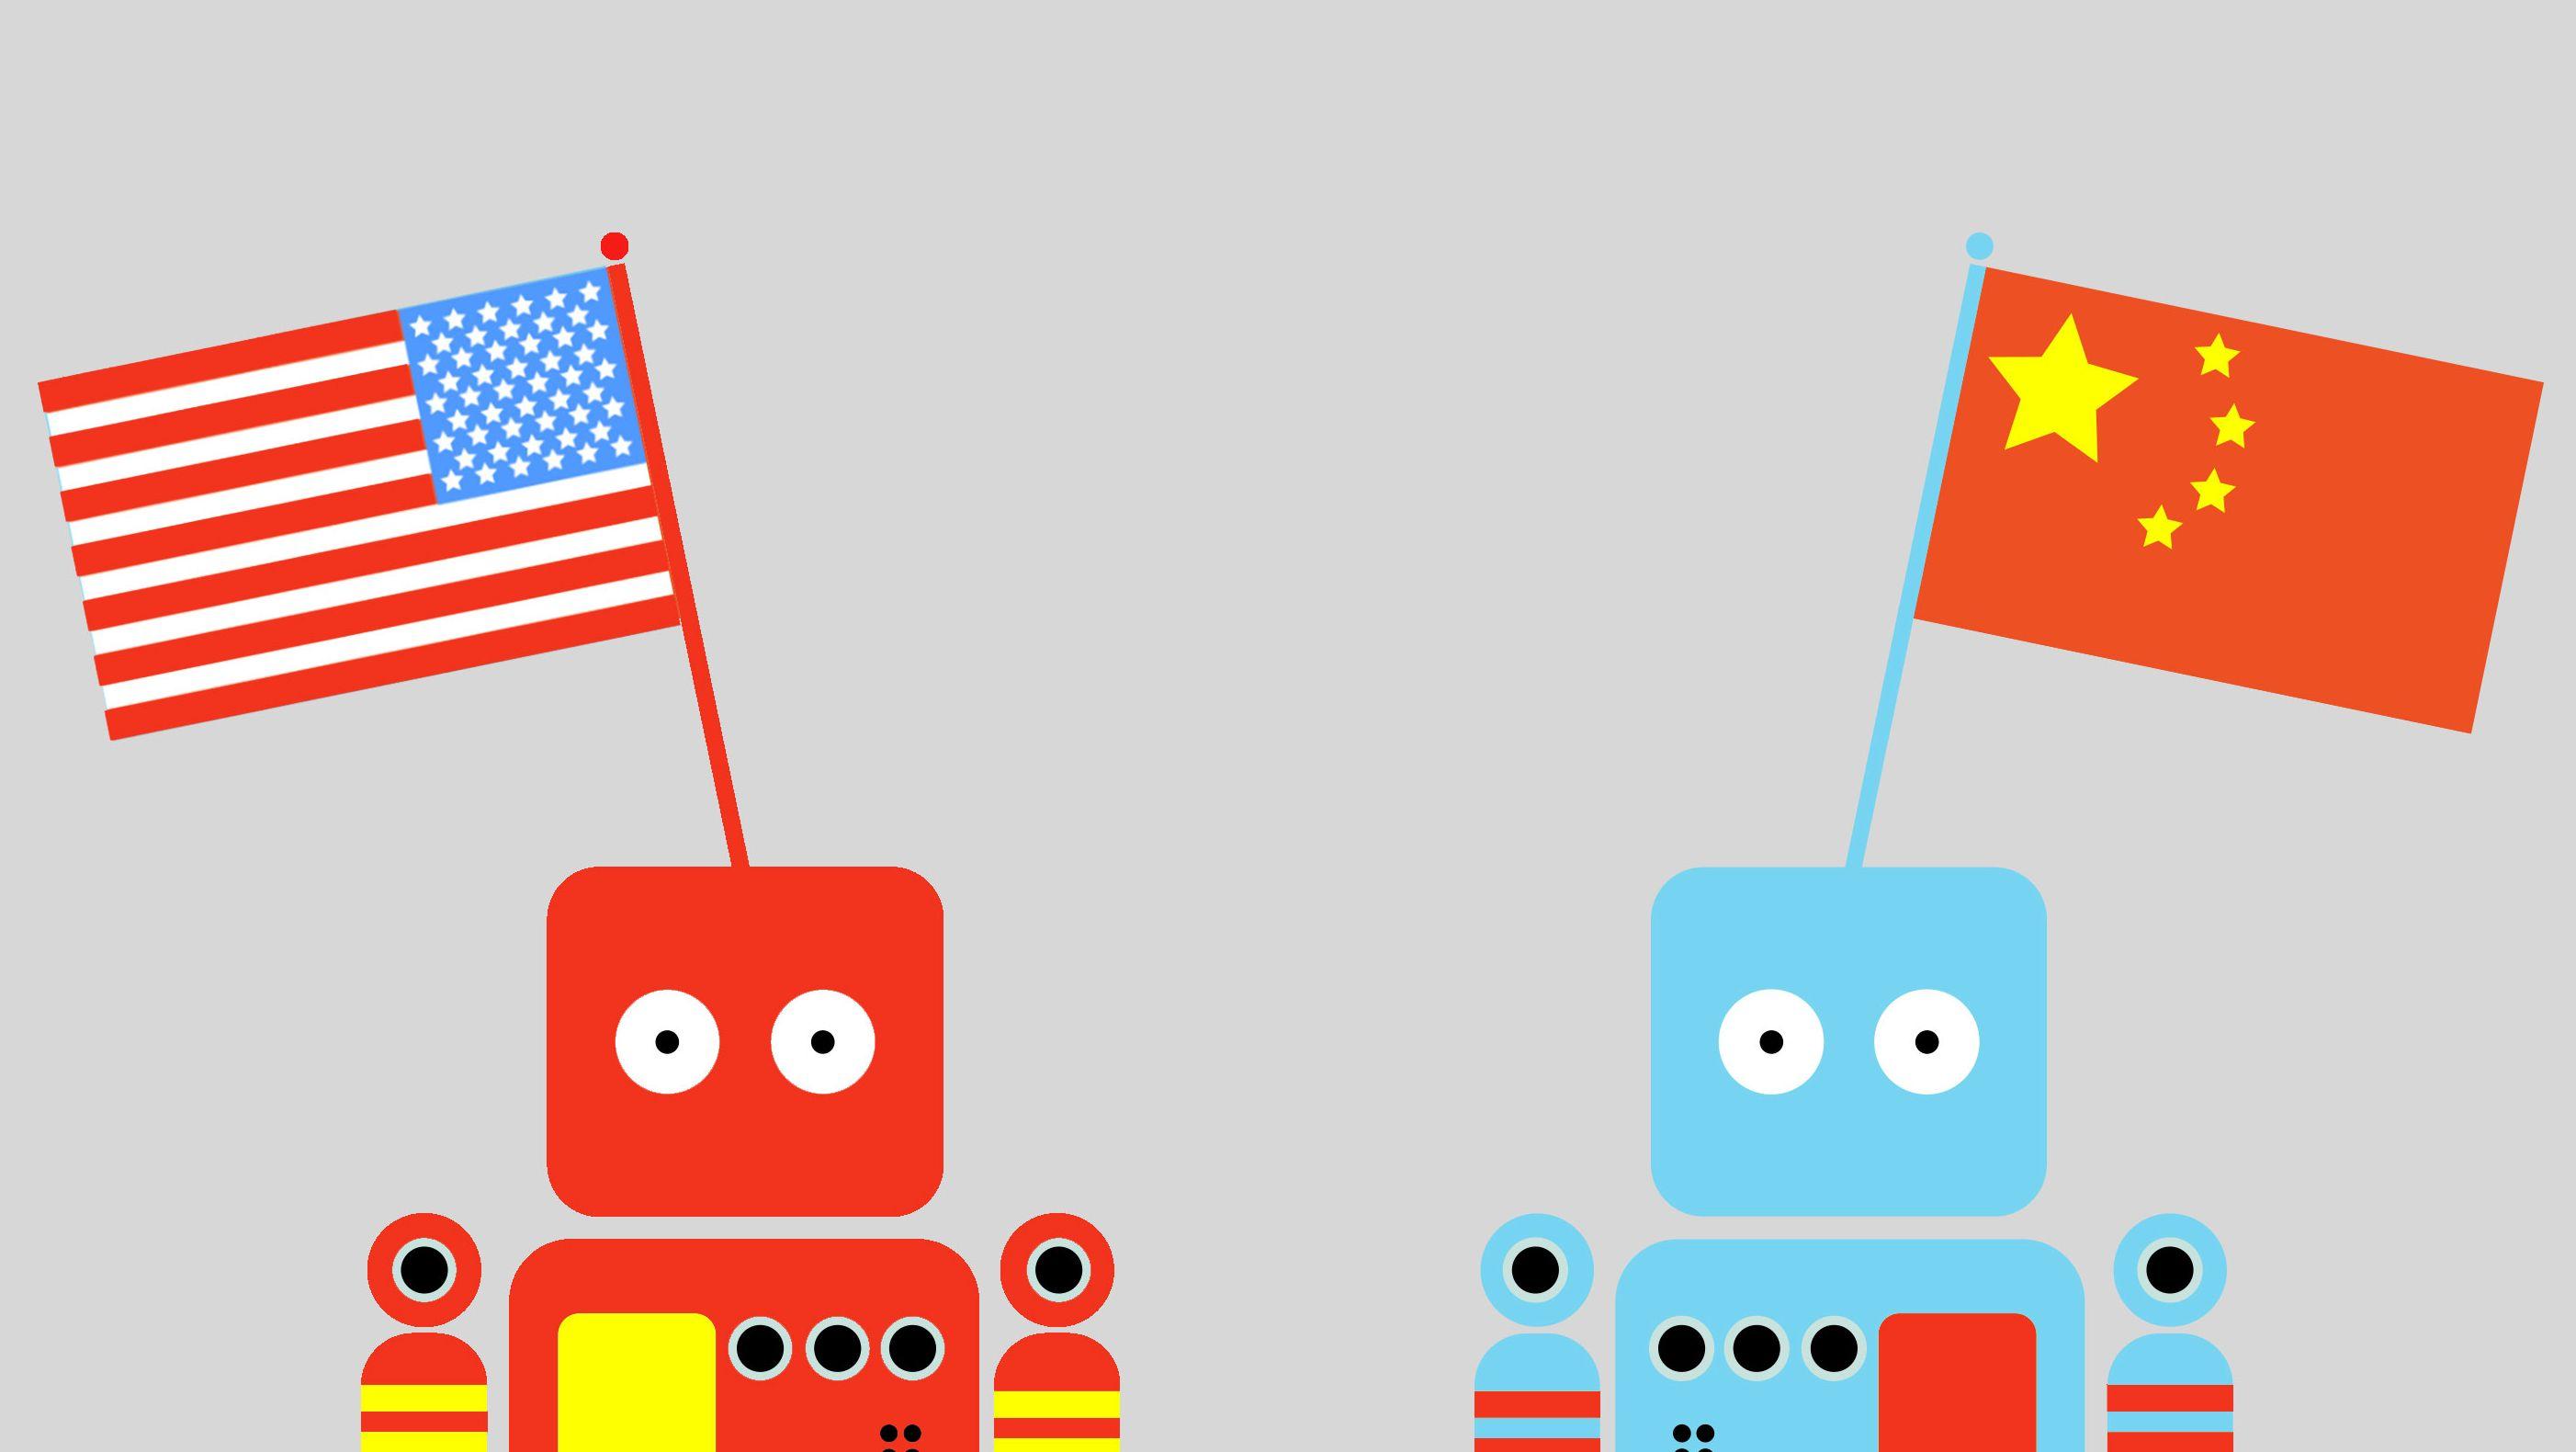 唐突な「北京AI原則」発表は何を意味するのか?